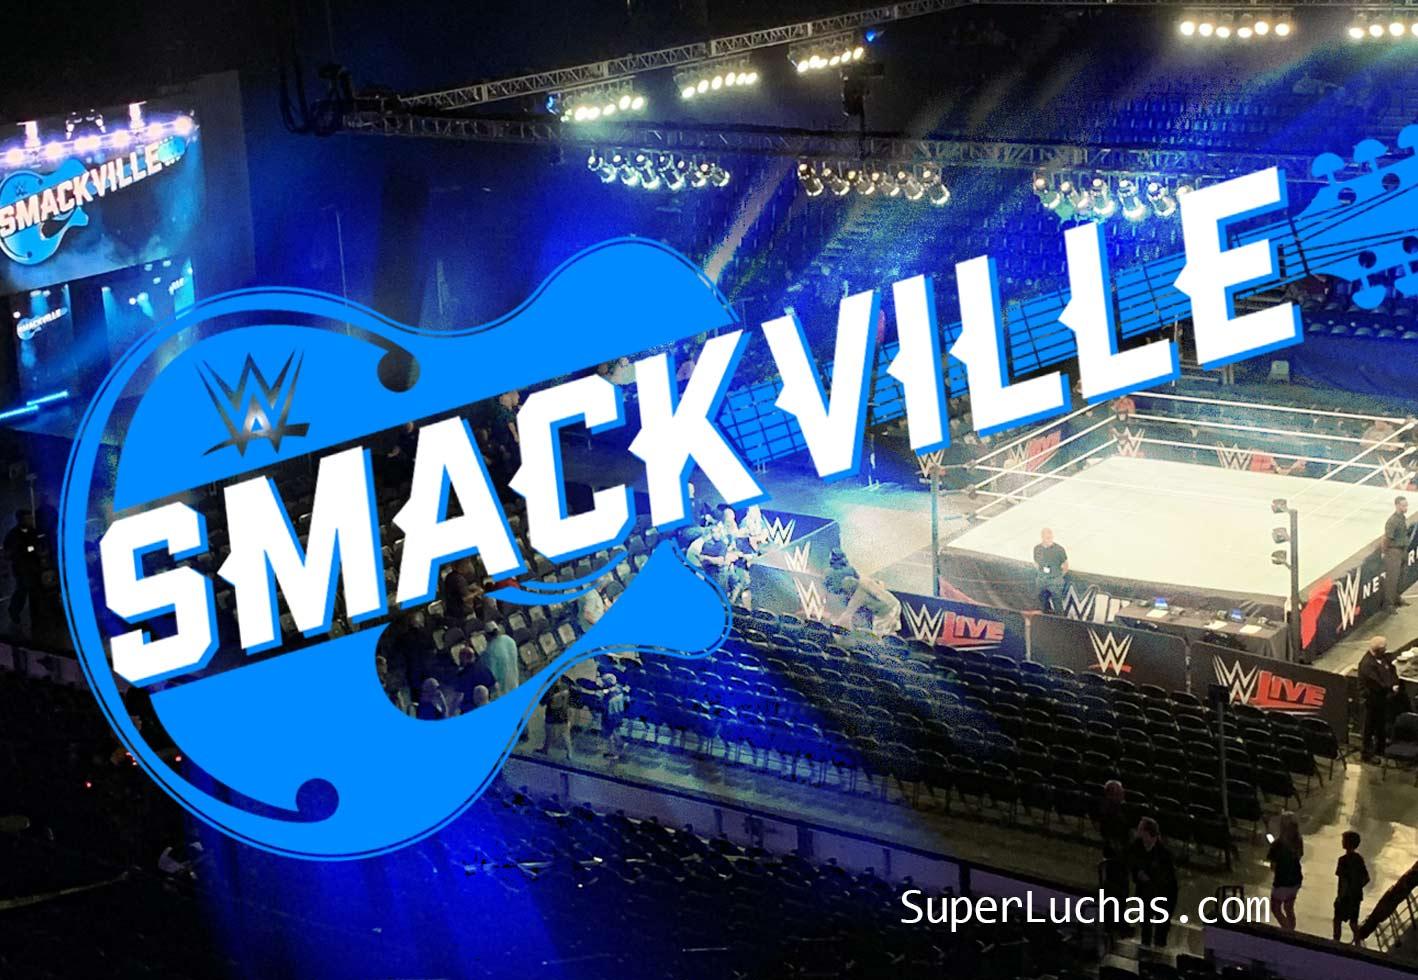 Smackville